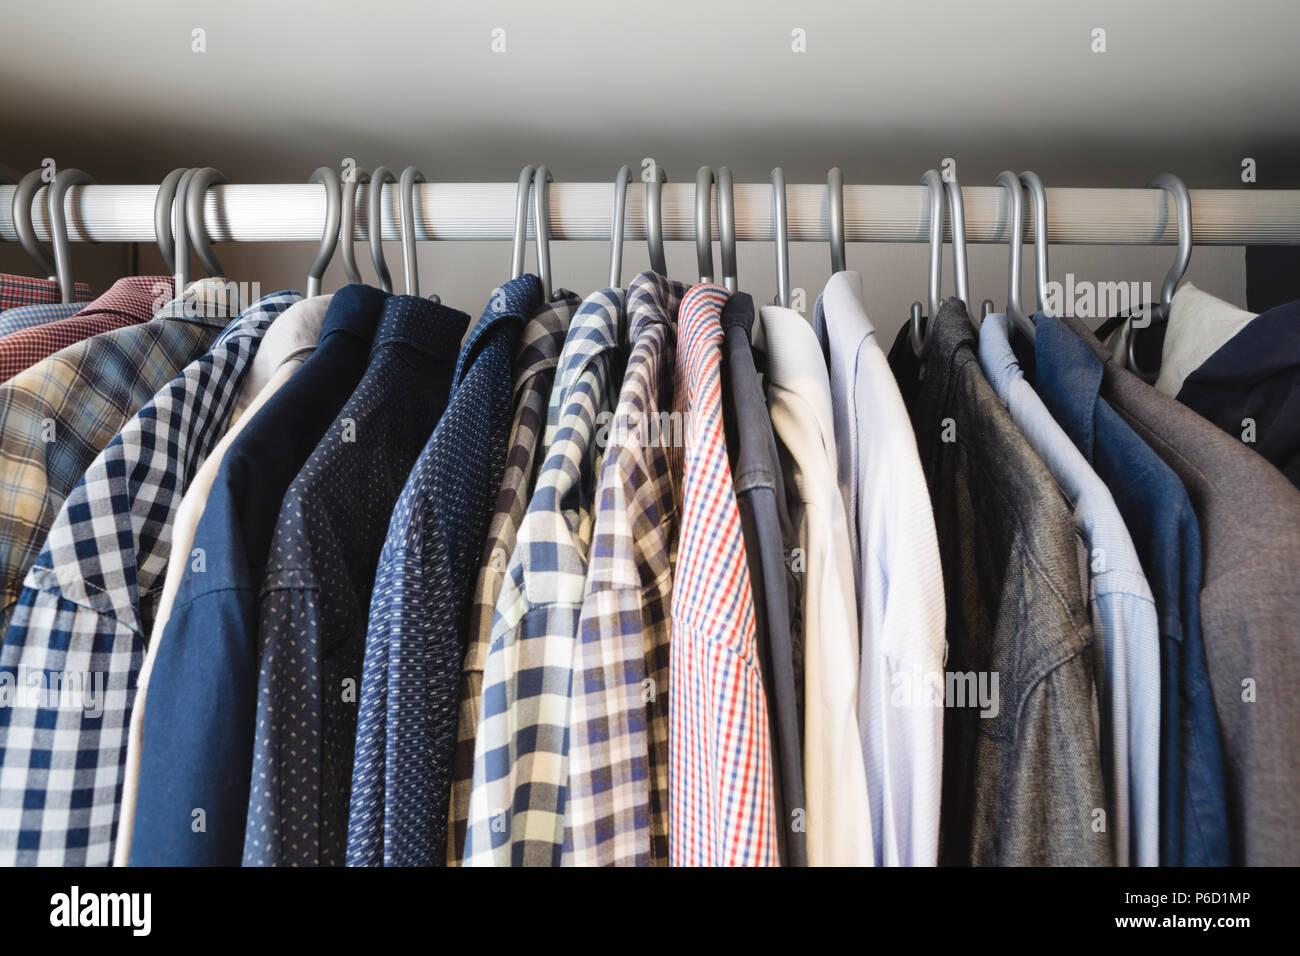 Divers shirts suspendus dans des cintres à la maison Banque D'Images